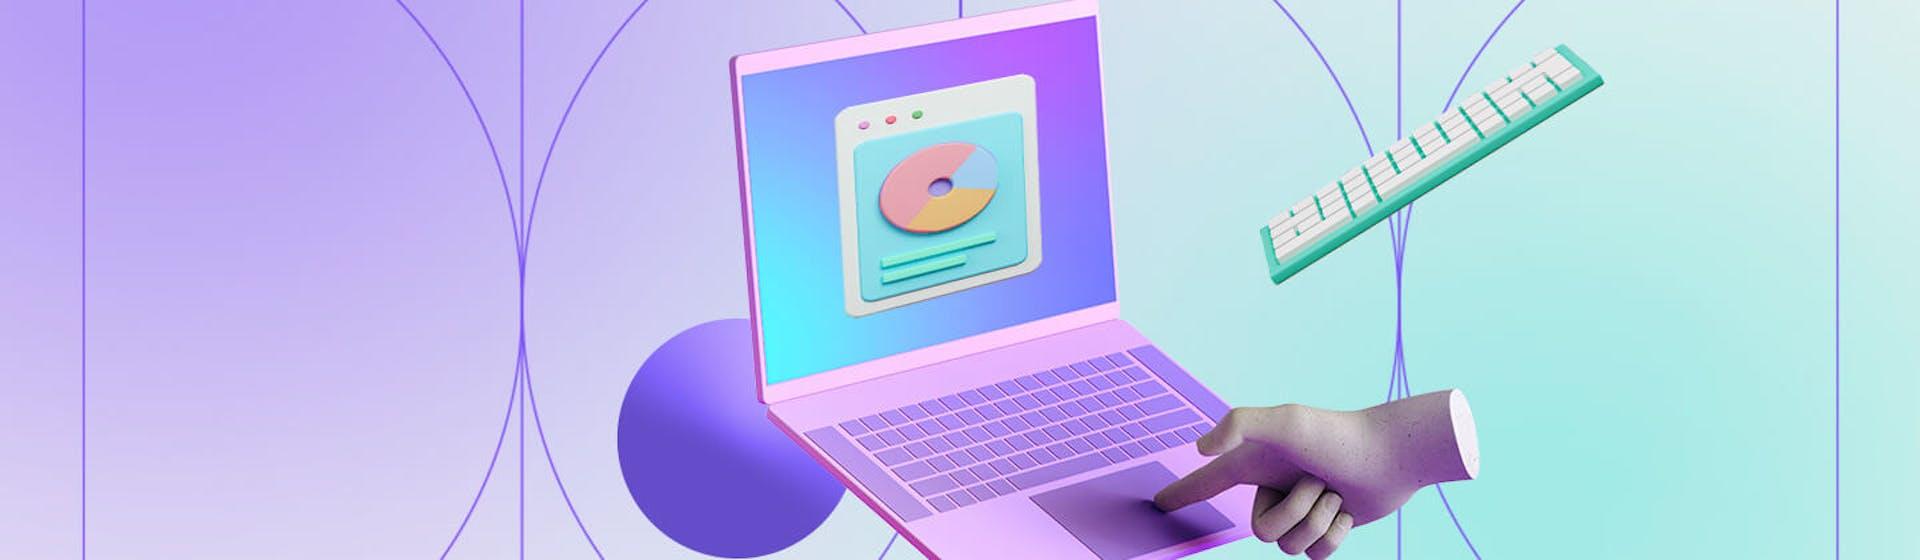 PC o laptop para diseño: evita que se vuelva más lenta que Internet Explorer